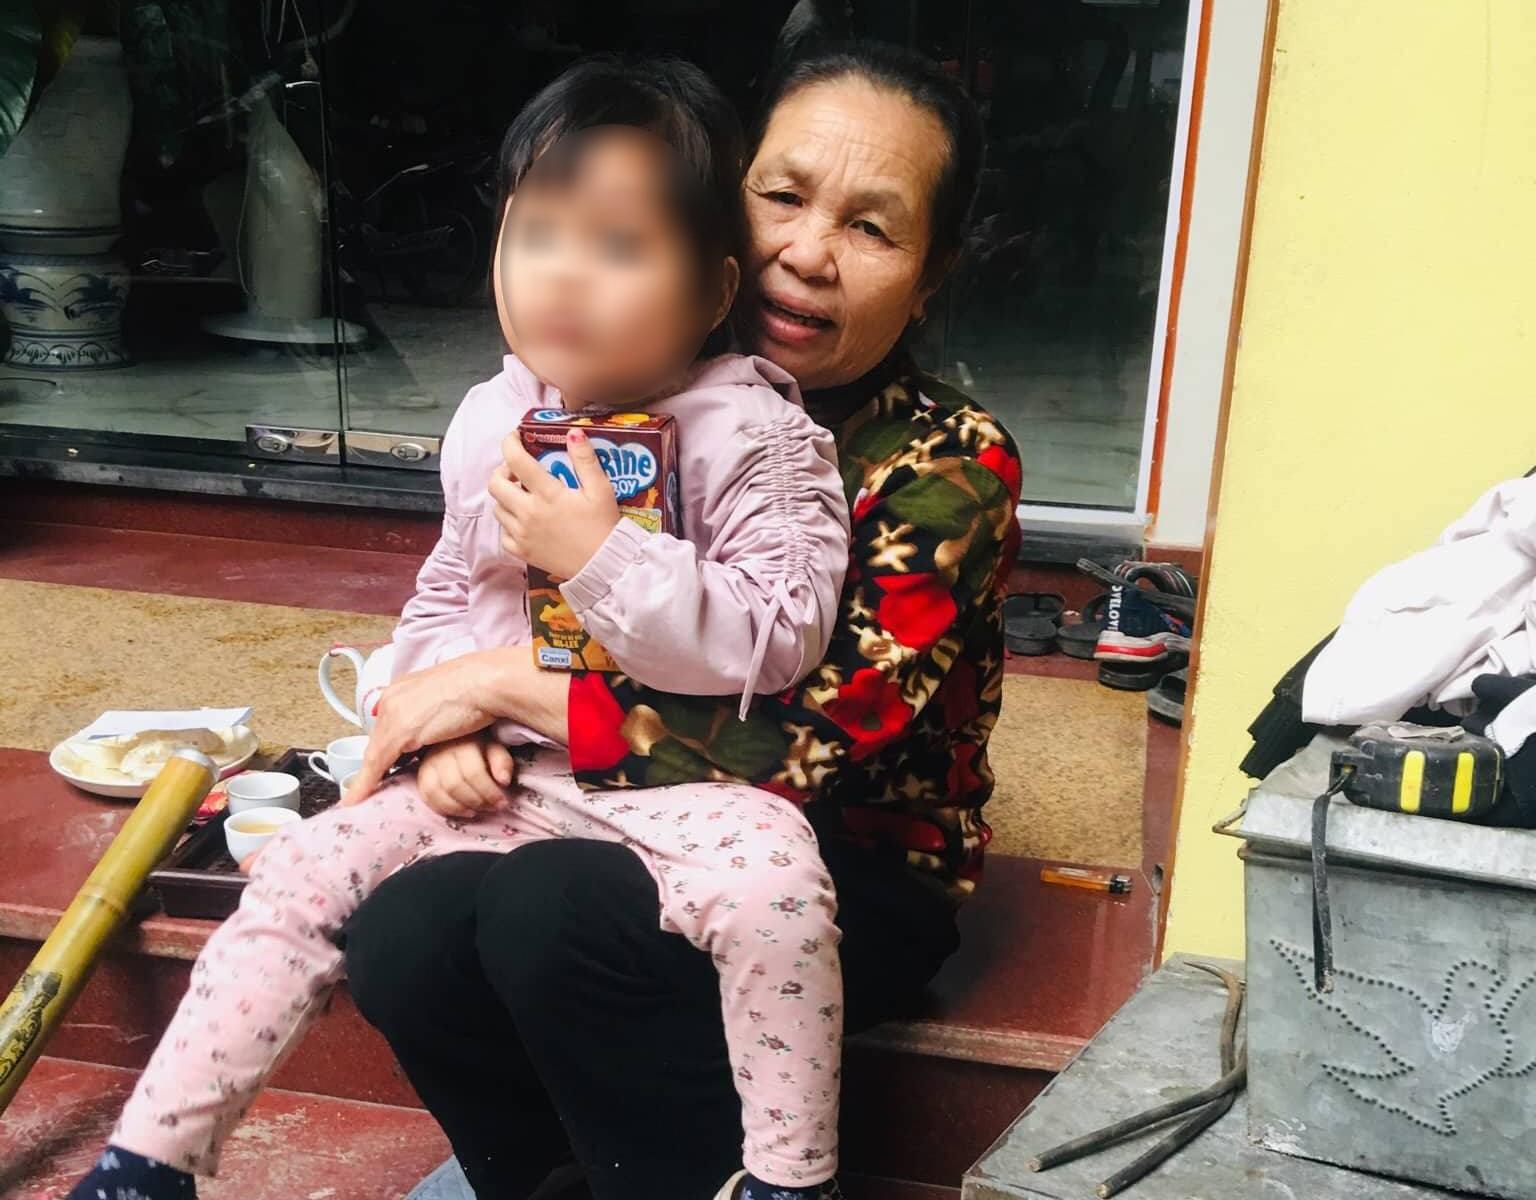 Vụ bé gái 3 tuổi nghi bị bắt cóc ở Hà Nội: Đối tượng là người hiền lành, chịu khó 3